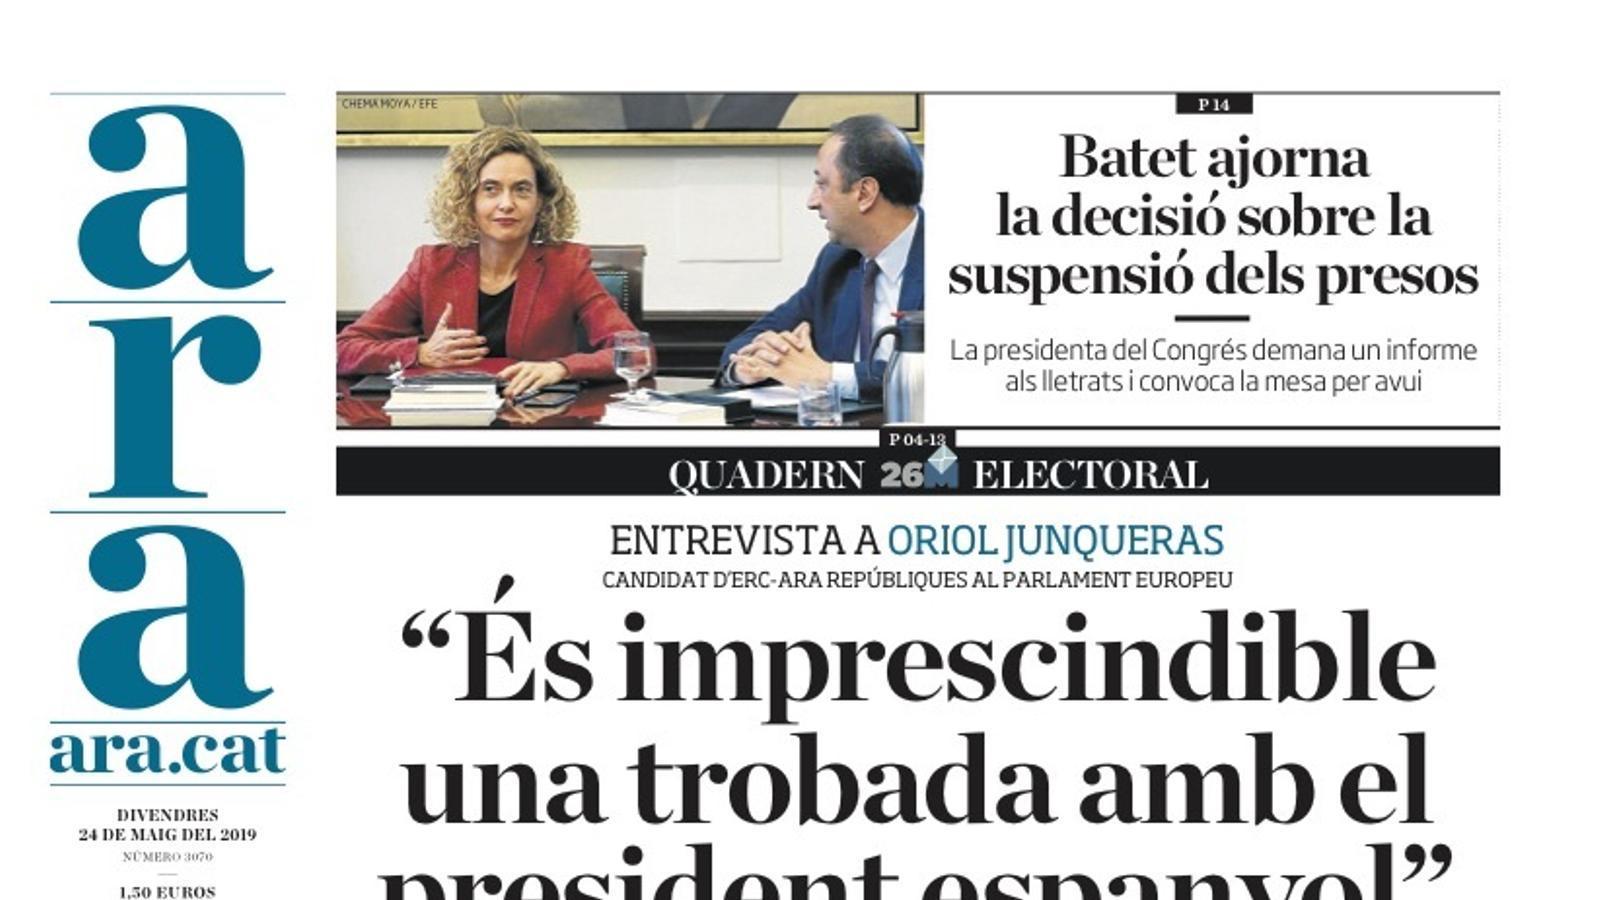 """""""Batet menysté el Suprem per no suspendre els presos"""", portada d""""El Mundo'"""